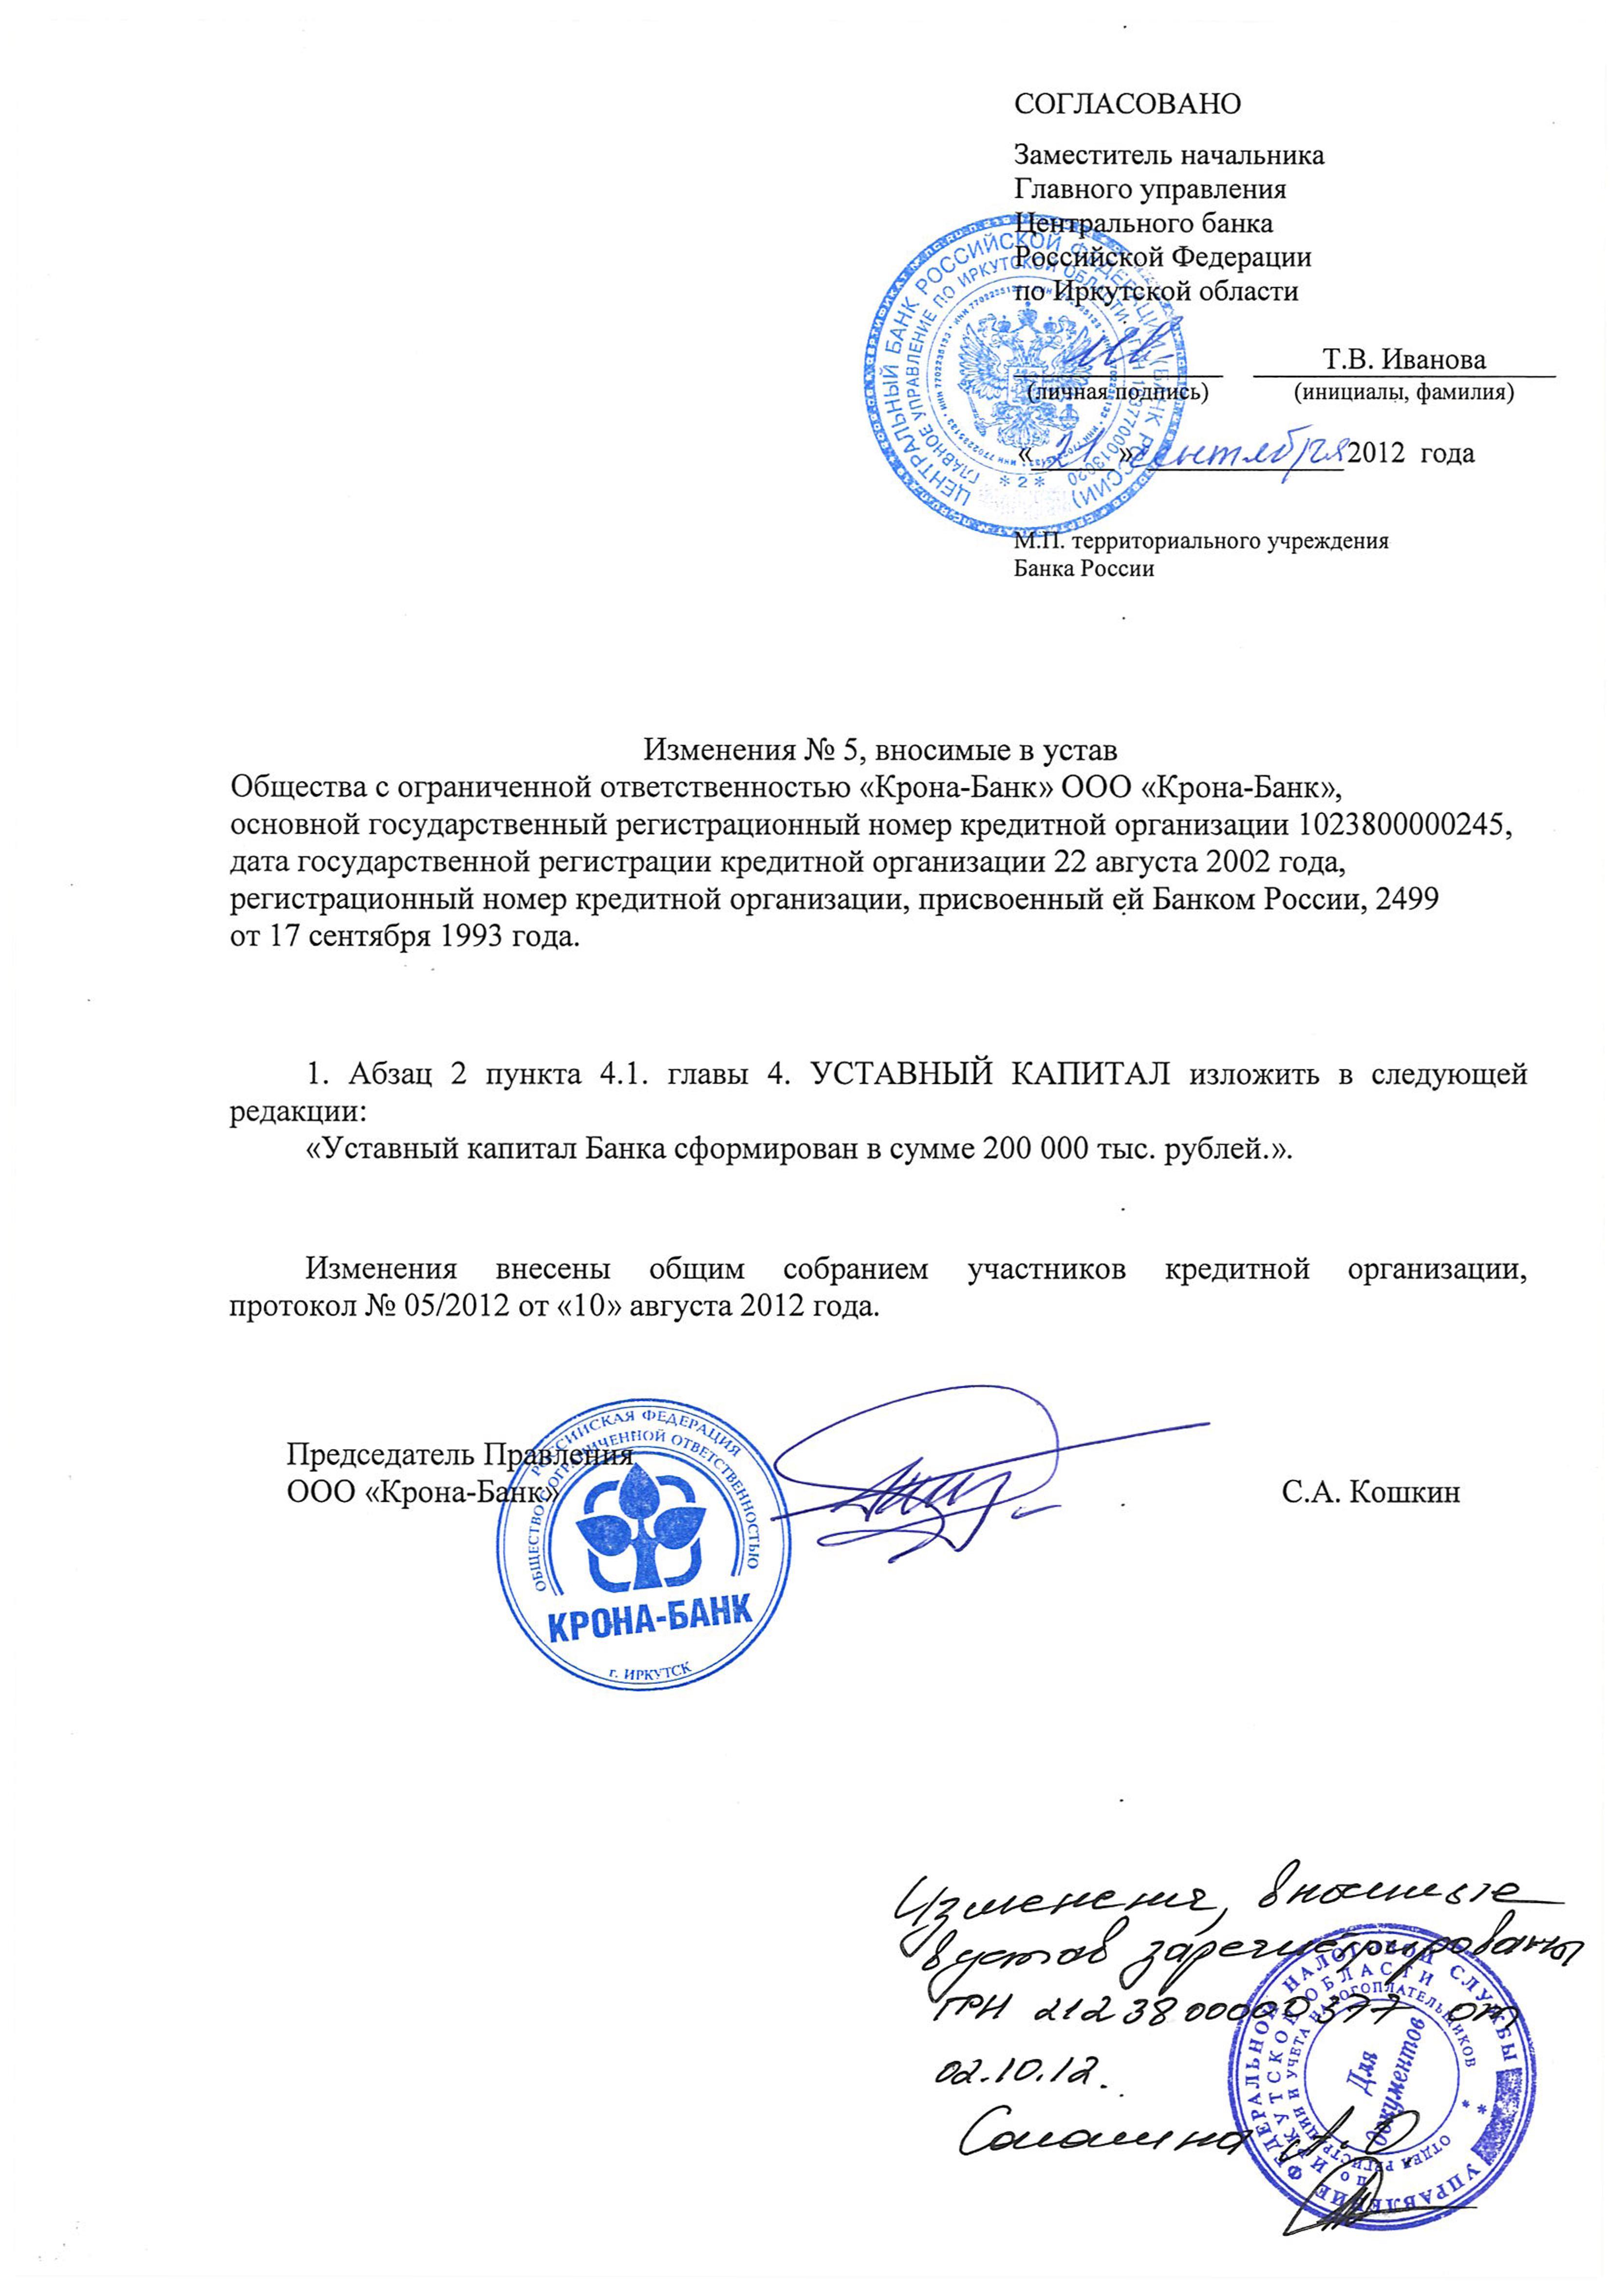 Образец лист внесения изменений в устав ооо